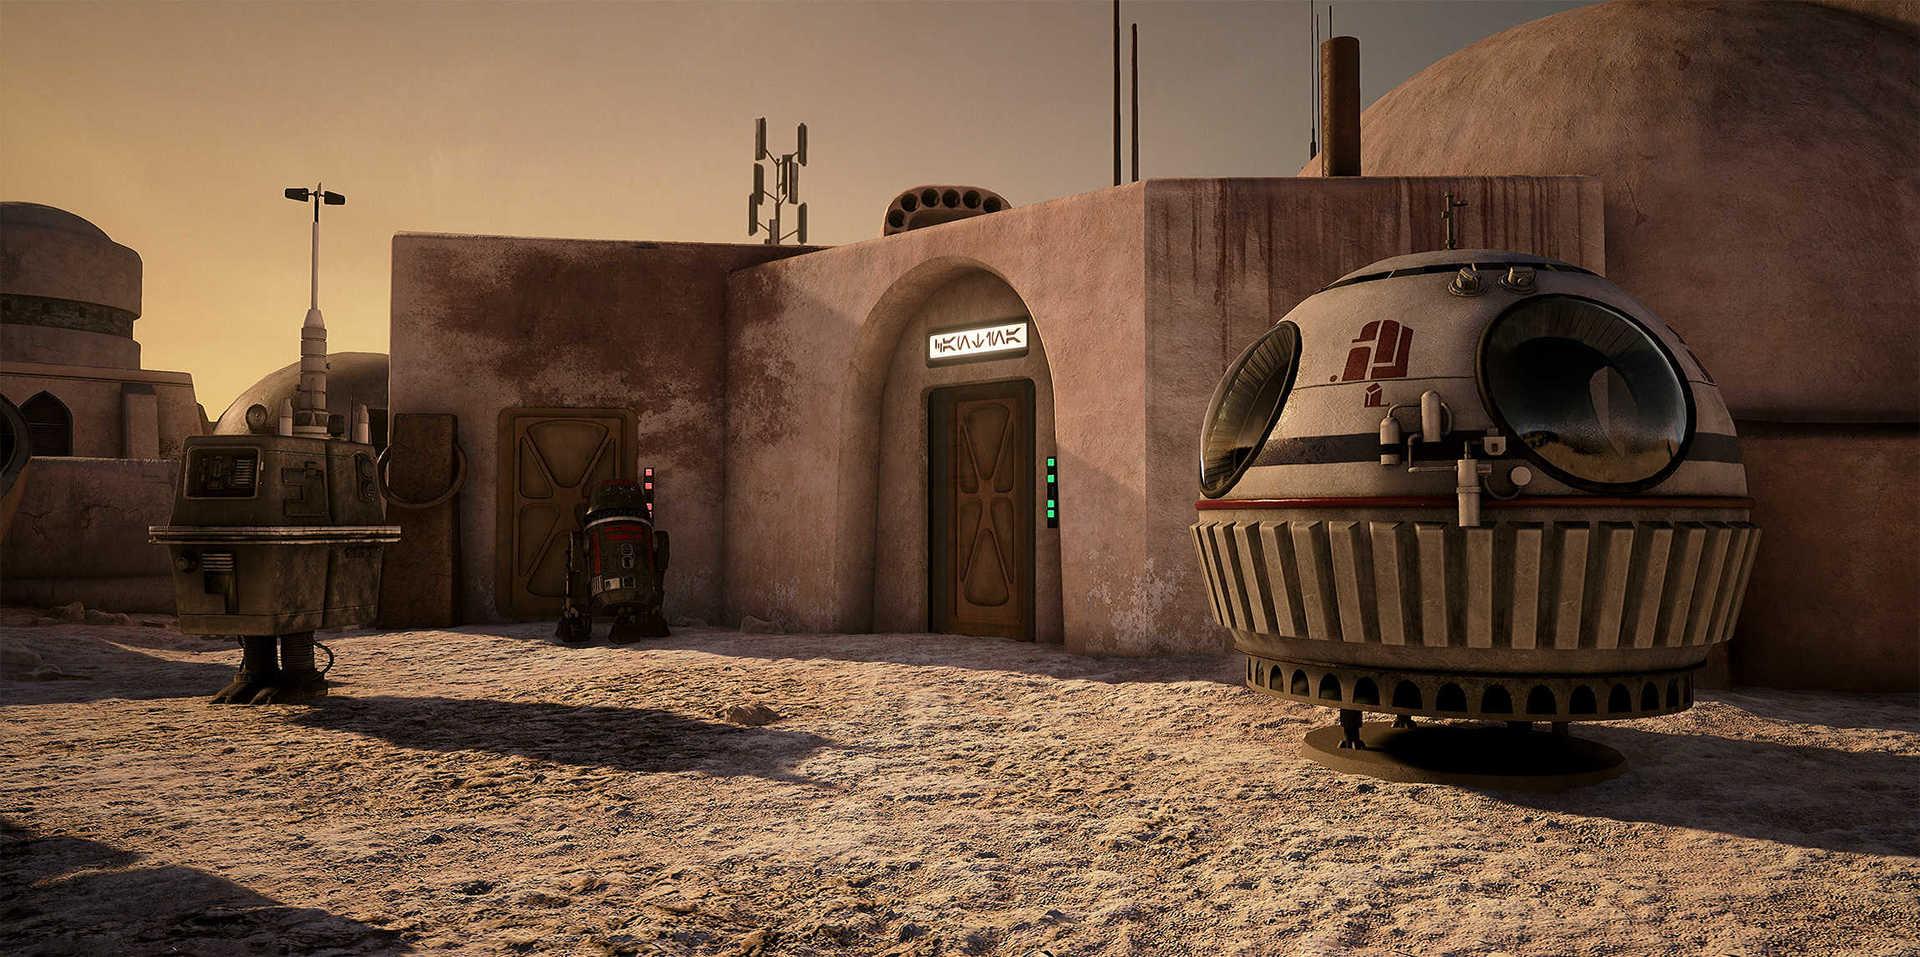 Создание сцены из Star Wars в Unreal Engine 4 - 5